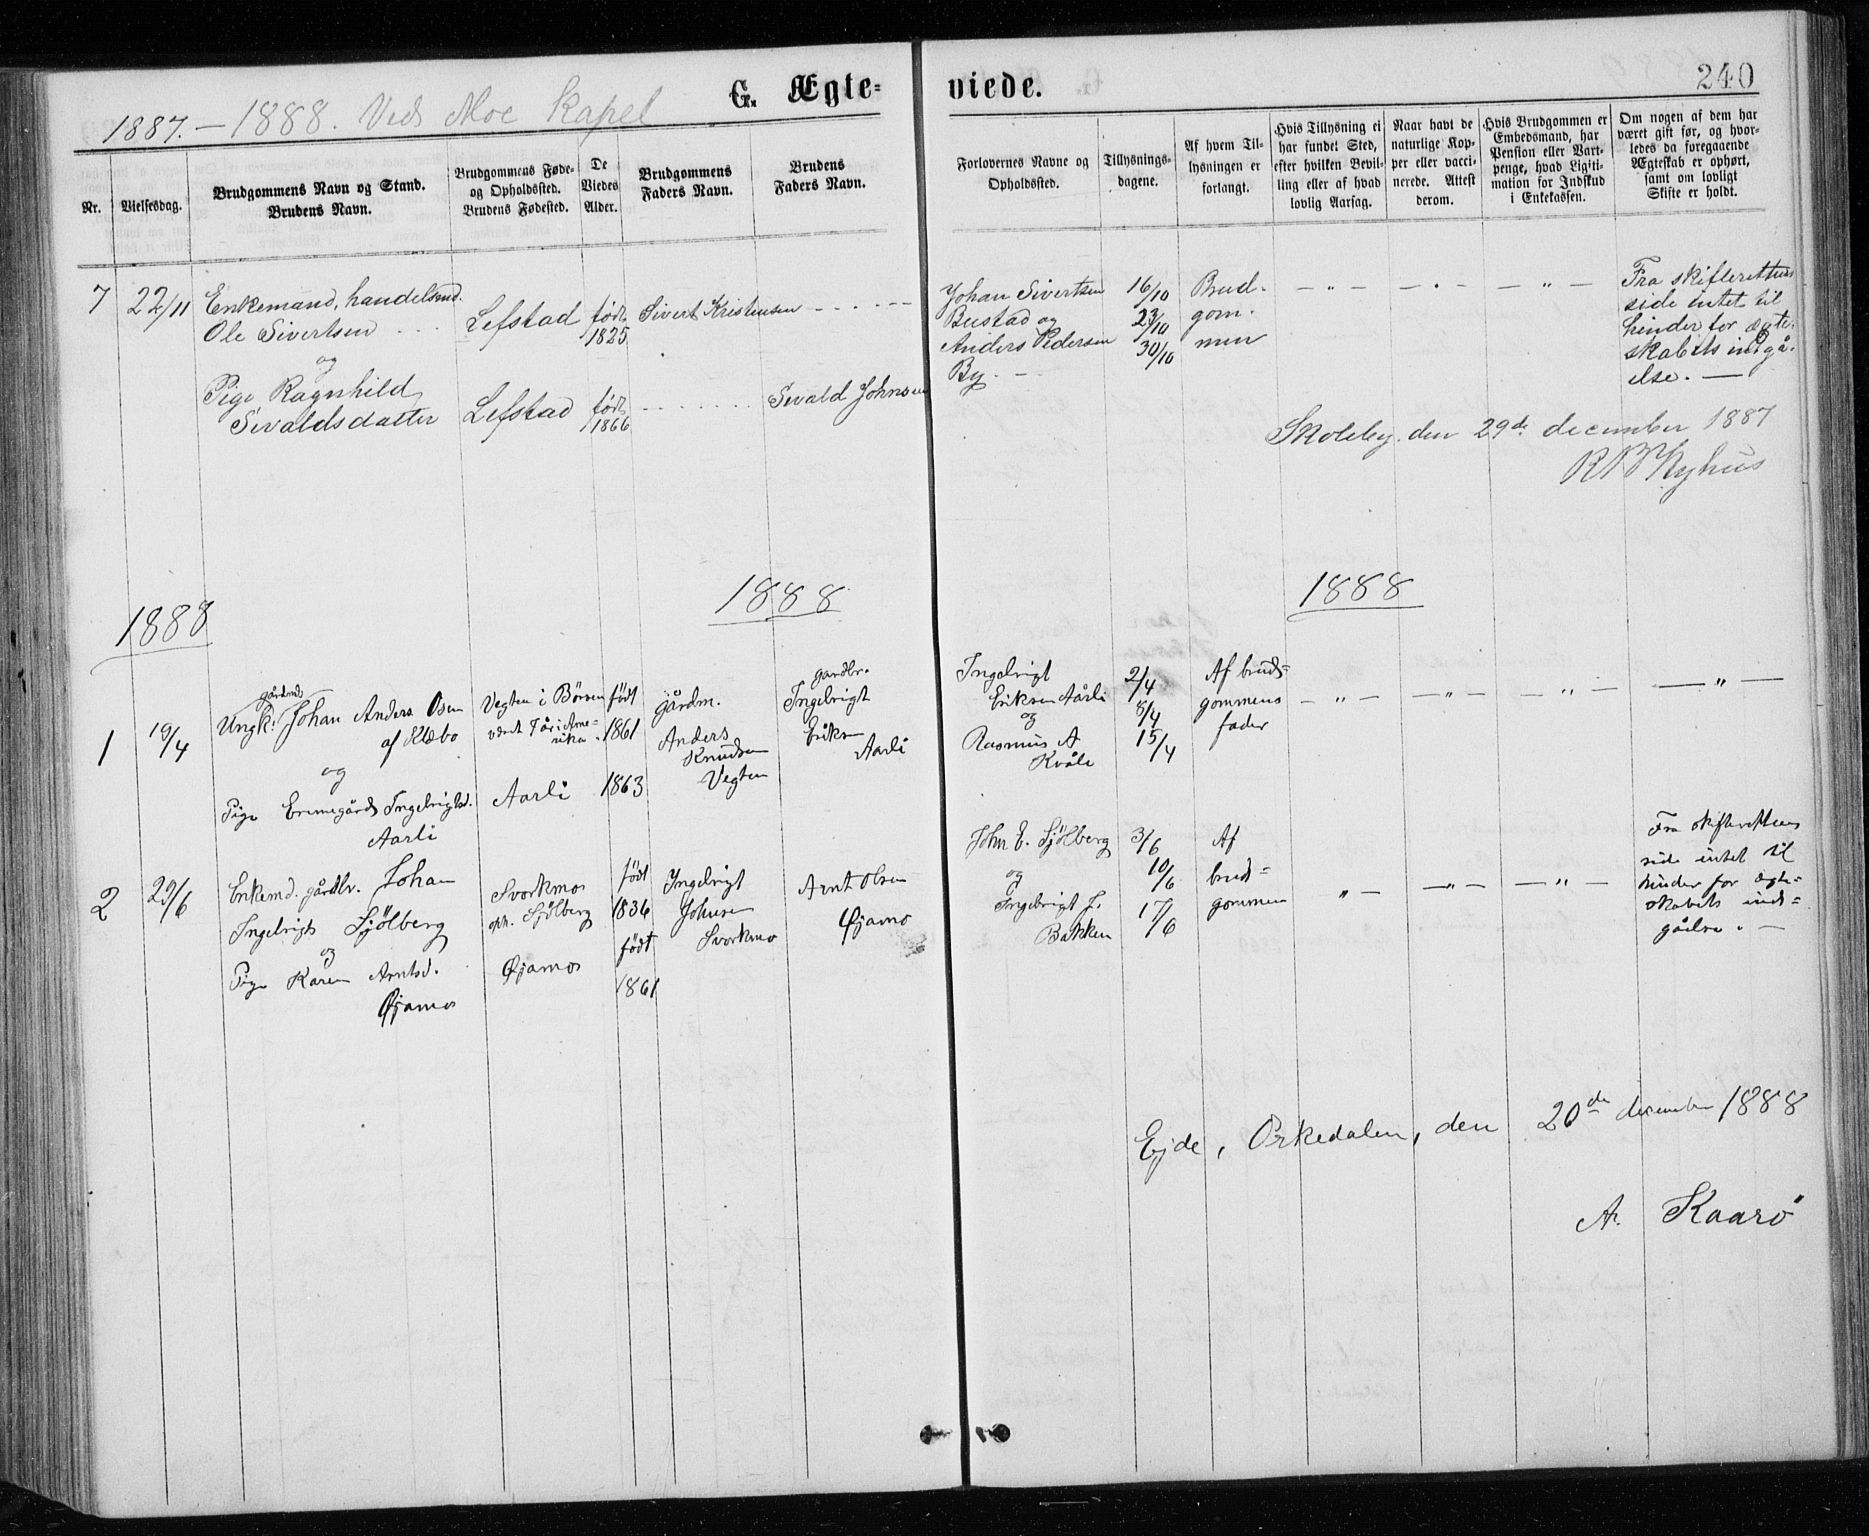 SAT, Ministerialprotokoller, klokkerbøker og fødselsregistre - Sør-Trøndelag, 671/L0843: Klokkerbok nr. 671C02, 1873-1892, s. 240